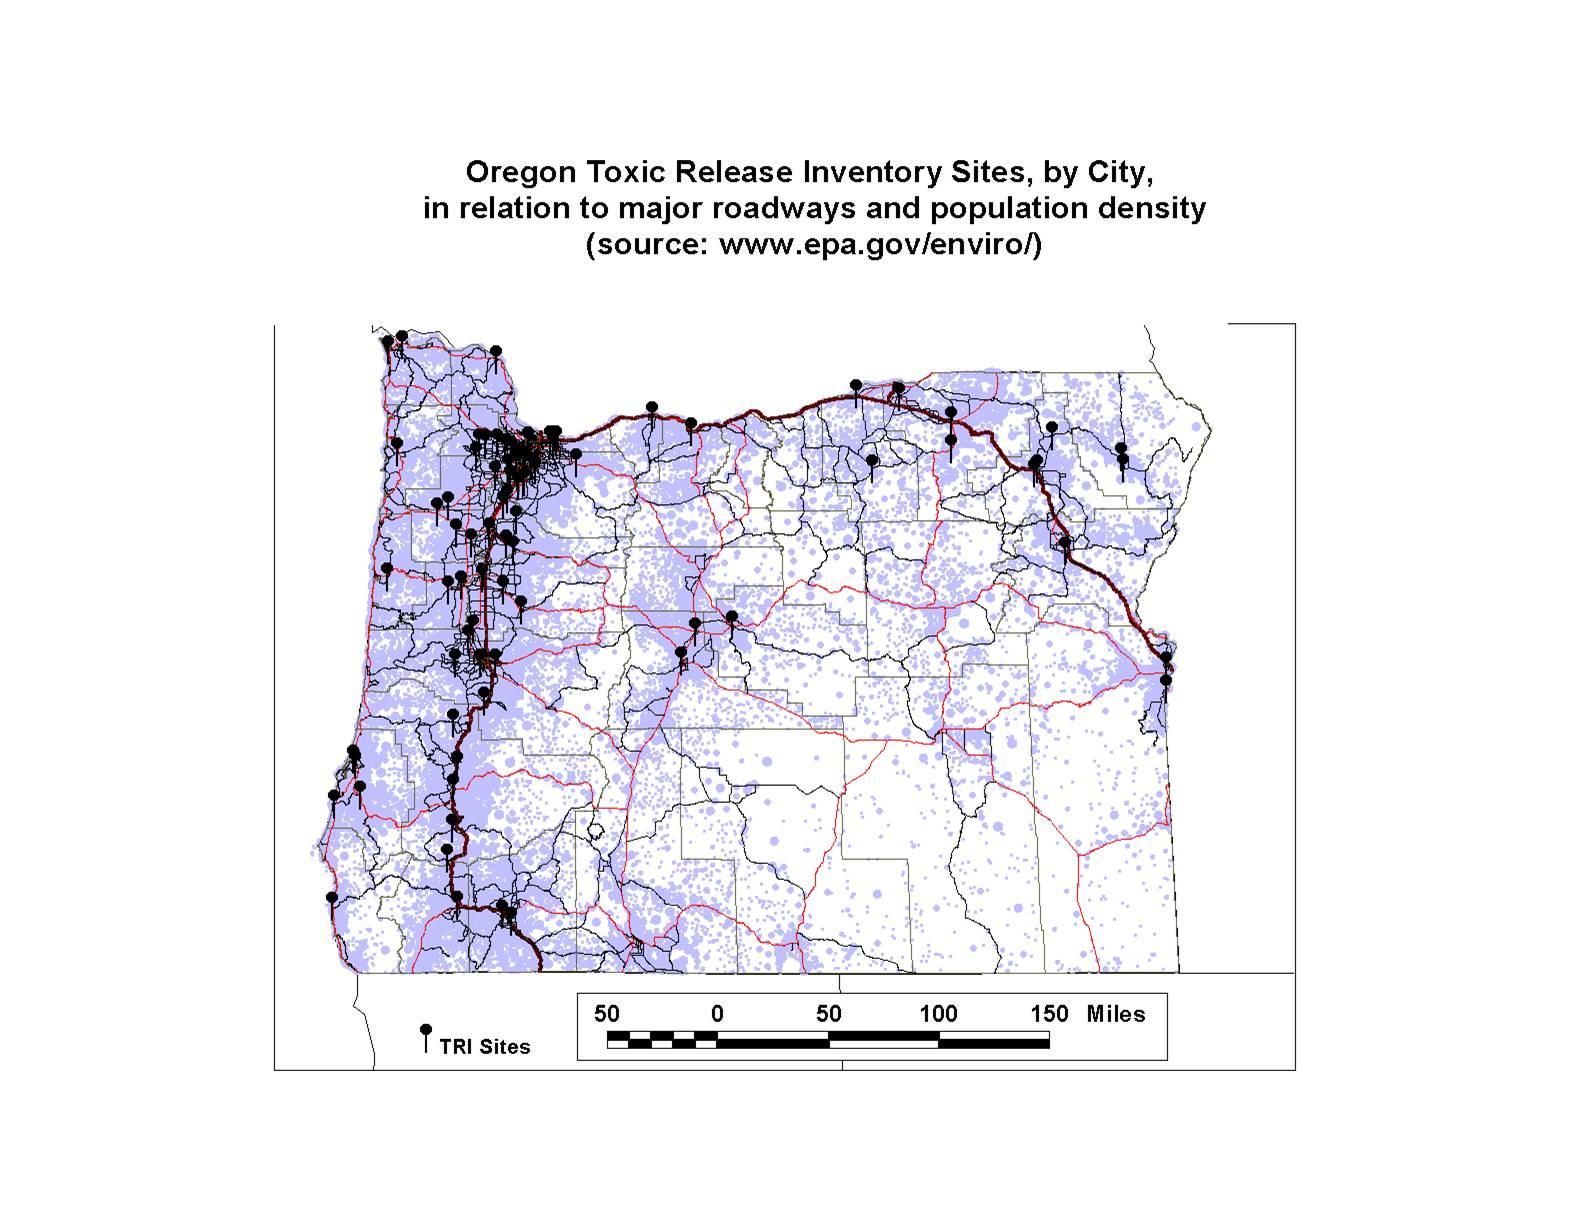 Oregon Sites based on a National Internet Data Source